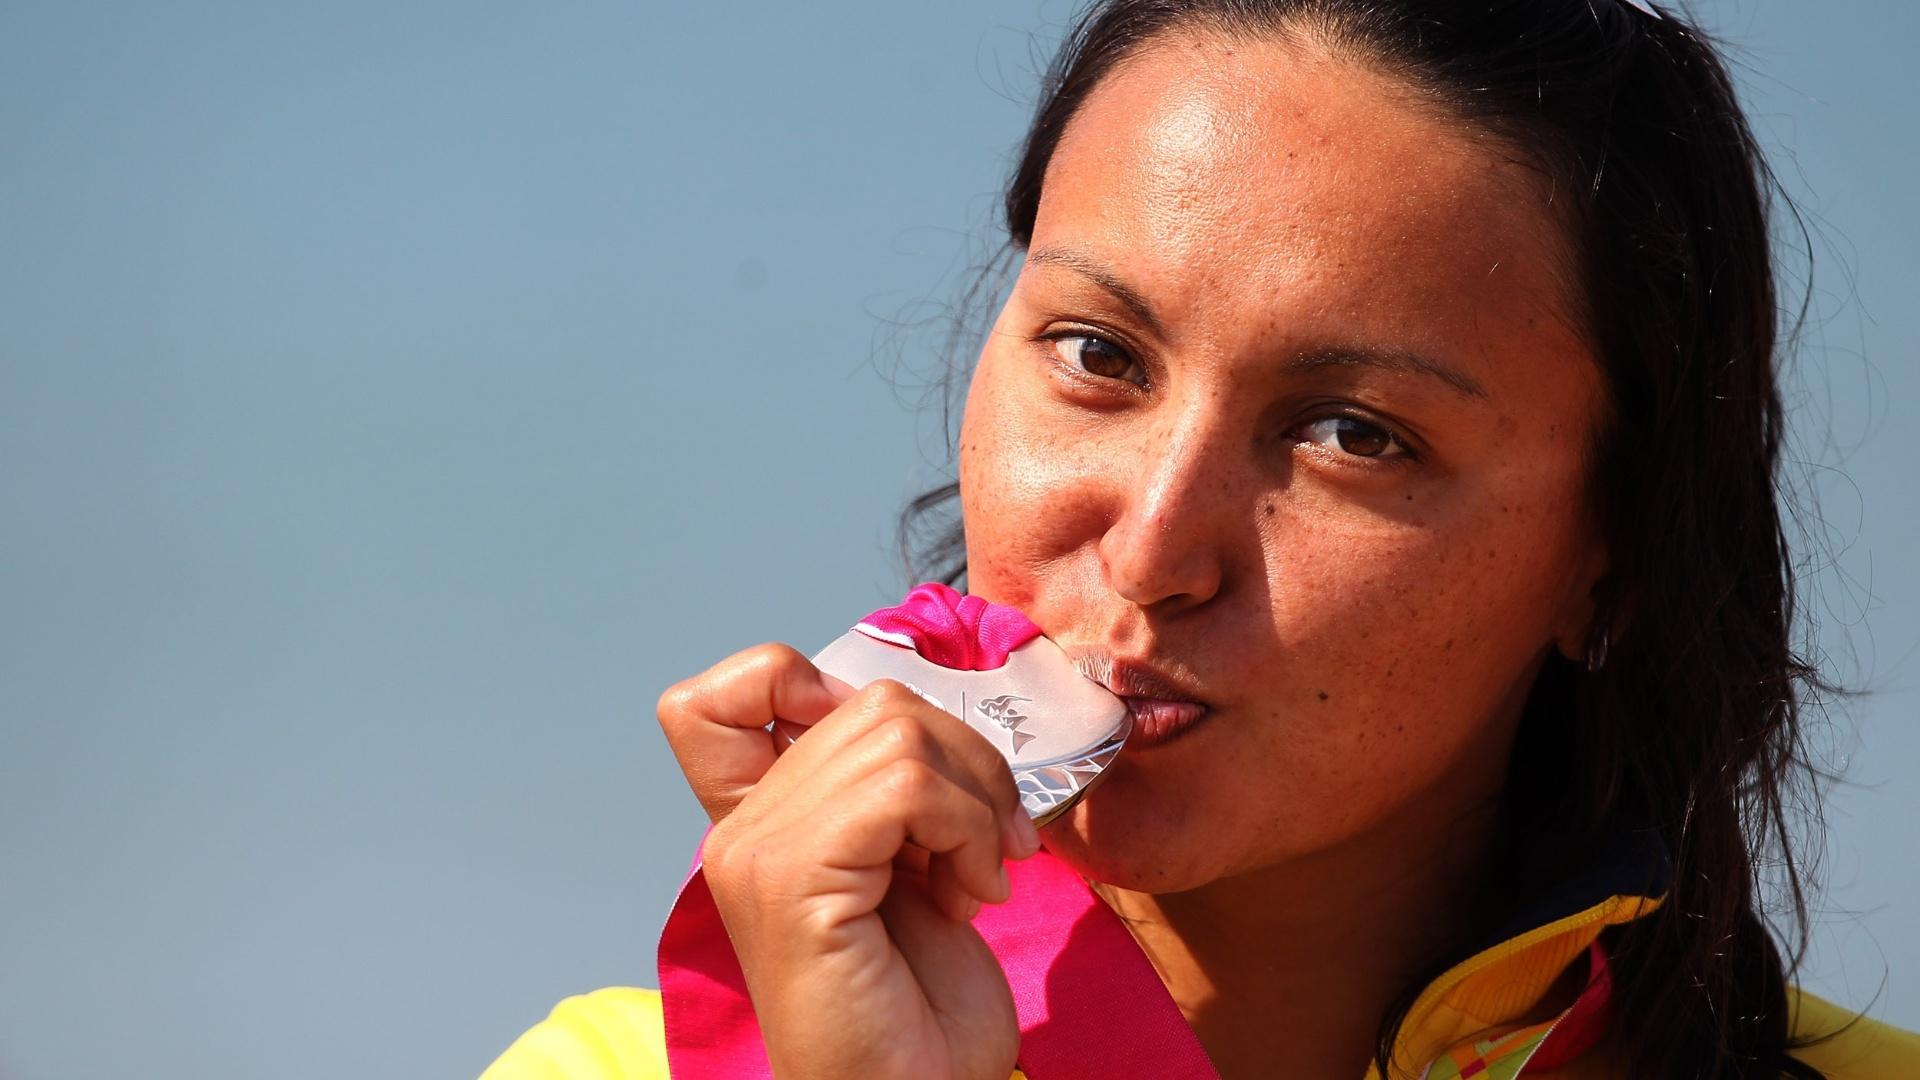 Poliana Okimoto beija a medalha de prata após chegar na 2ª colocação da maratona aquática em Guadalajara (22/10/2011)